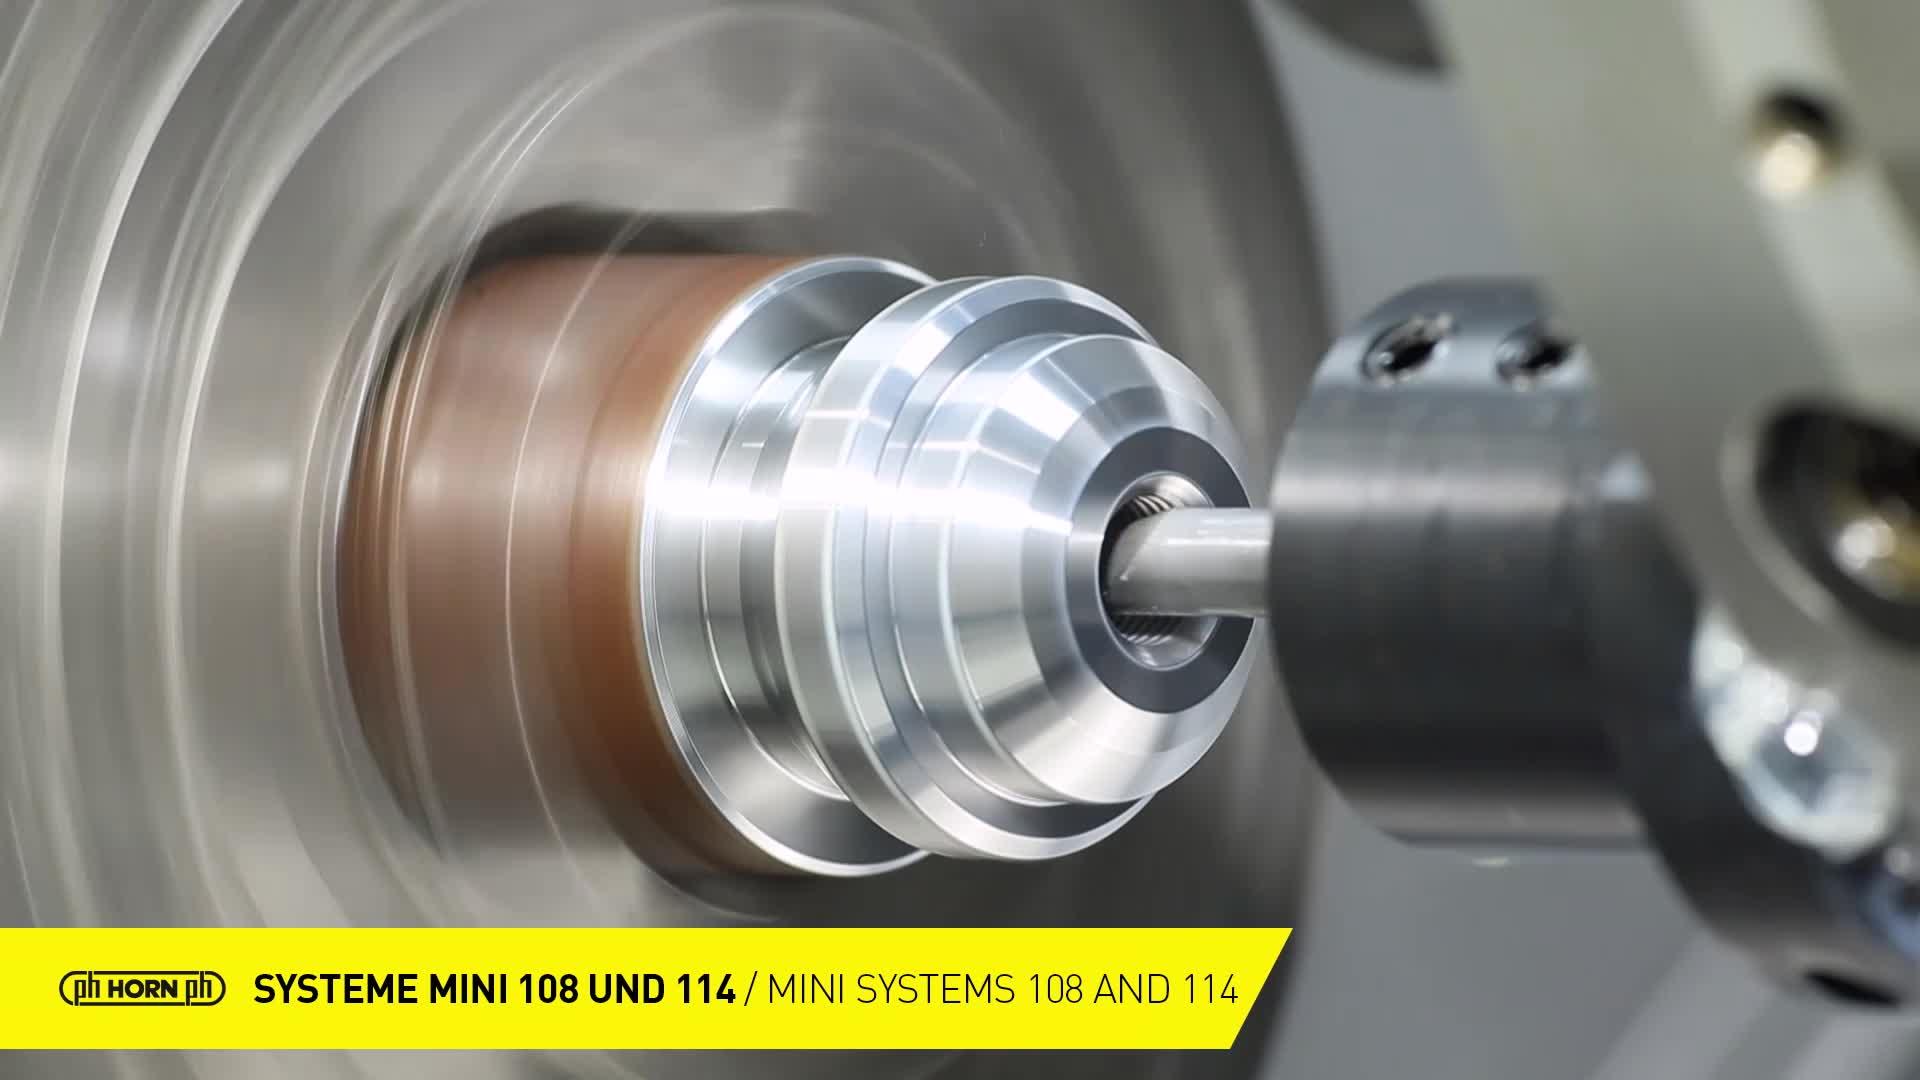 Systeme Mini 108 und 114